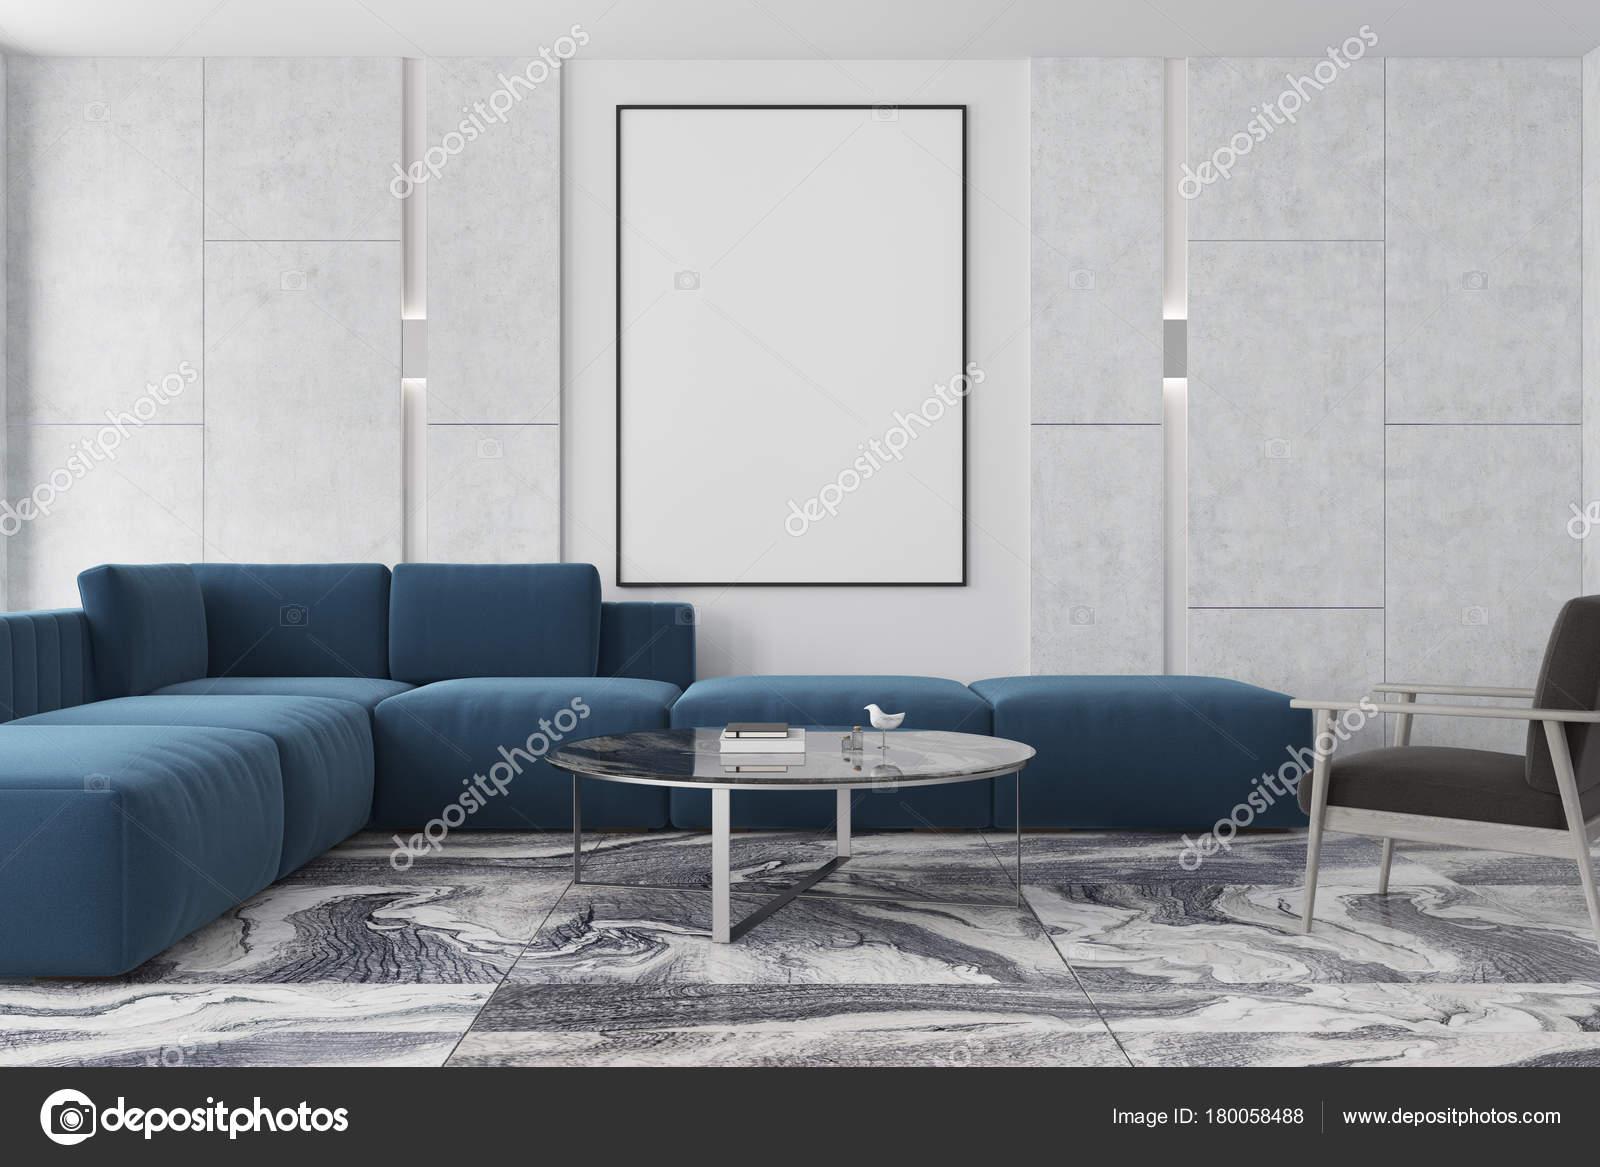 Marmer In Woonkamer : Marmeren en bruine woonkamer poster blauw sofa u stockfoto